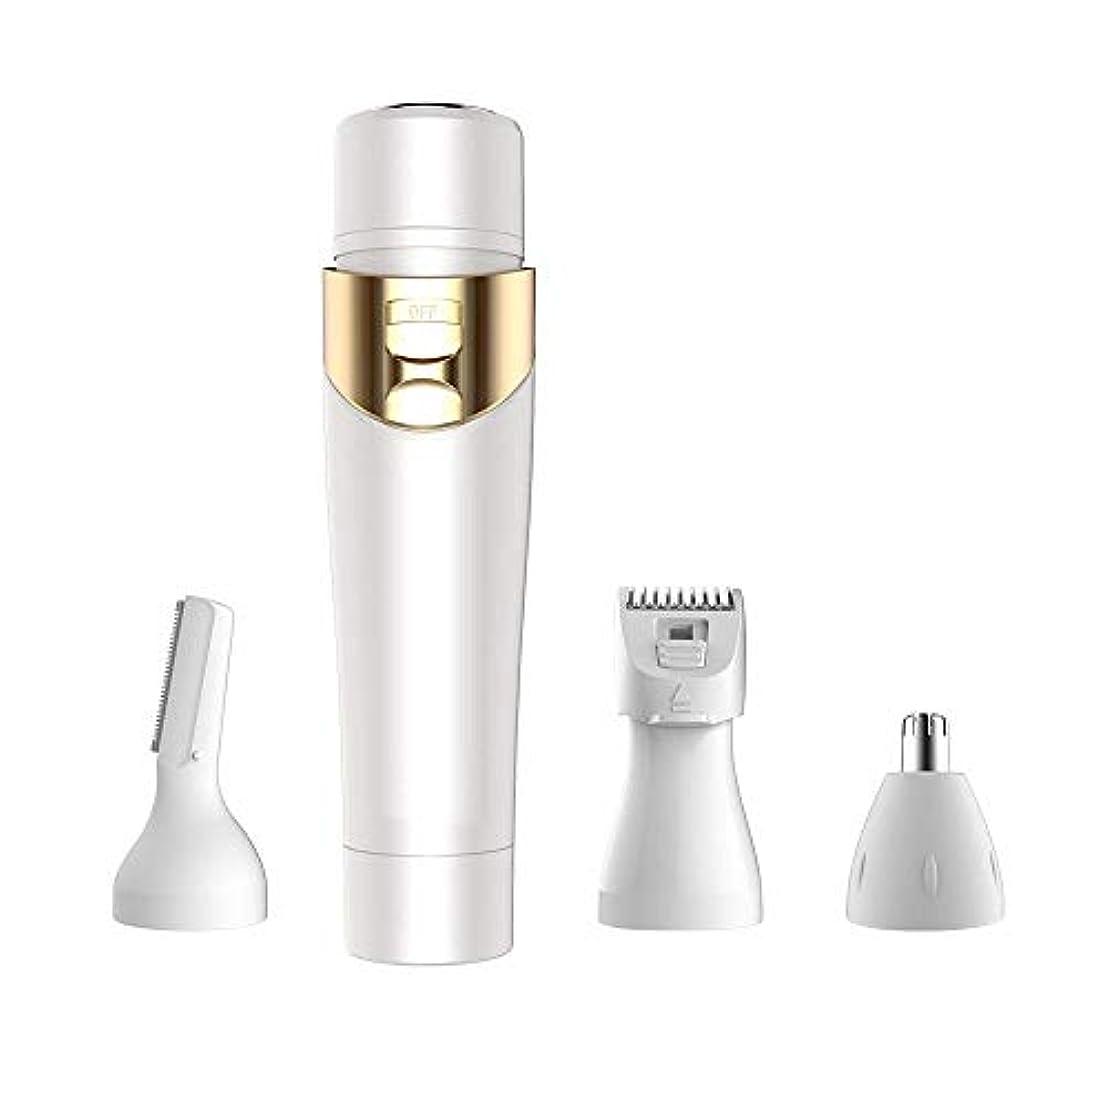 パンチもつれ頭蓋骨1つの女性シェーバーウェットとドライの使用USBでひげリムーバー女性レディシェーバー充電式4フェイス眉毛の鼻とボディ用の充電